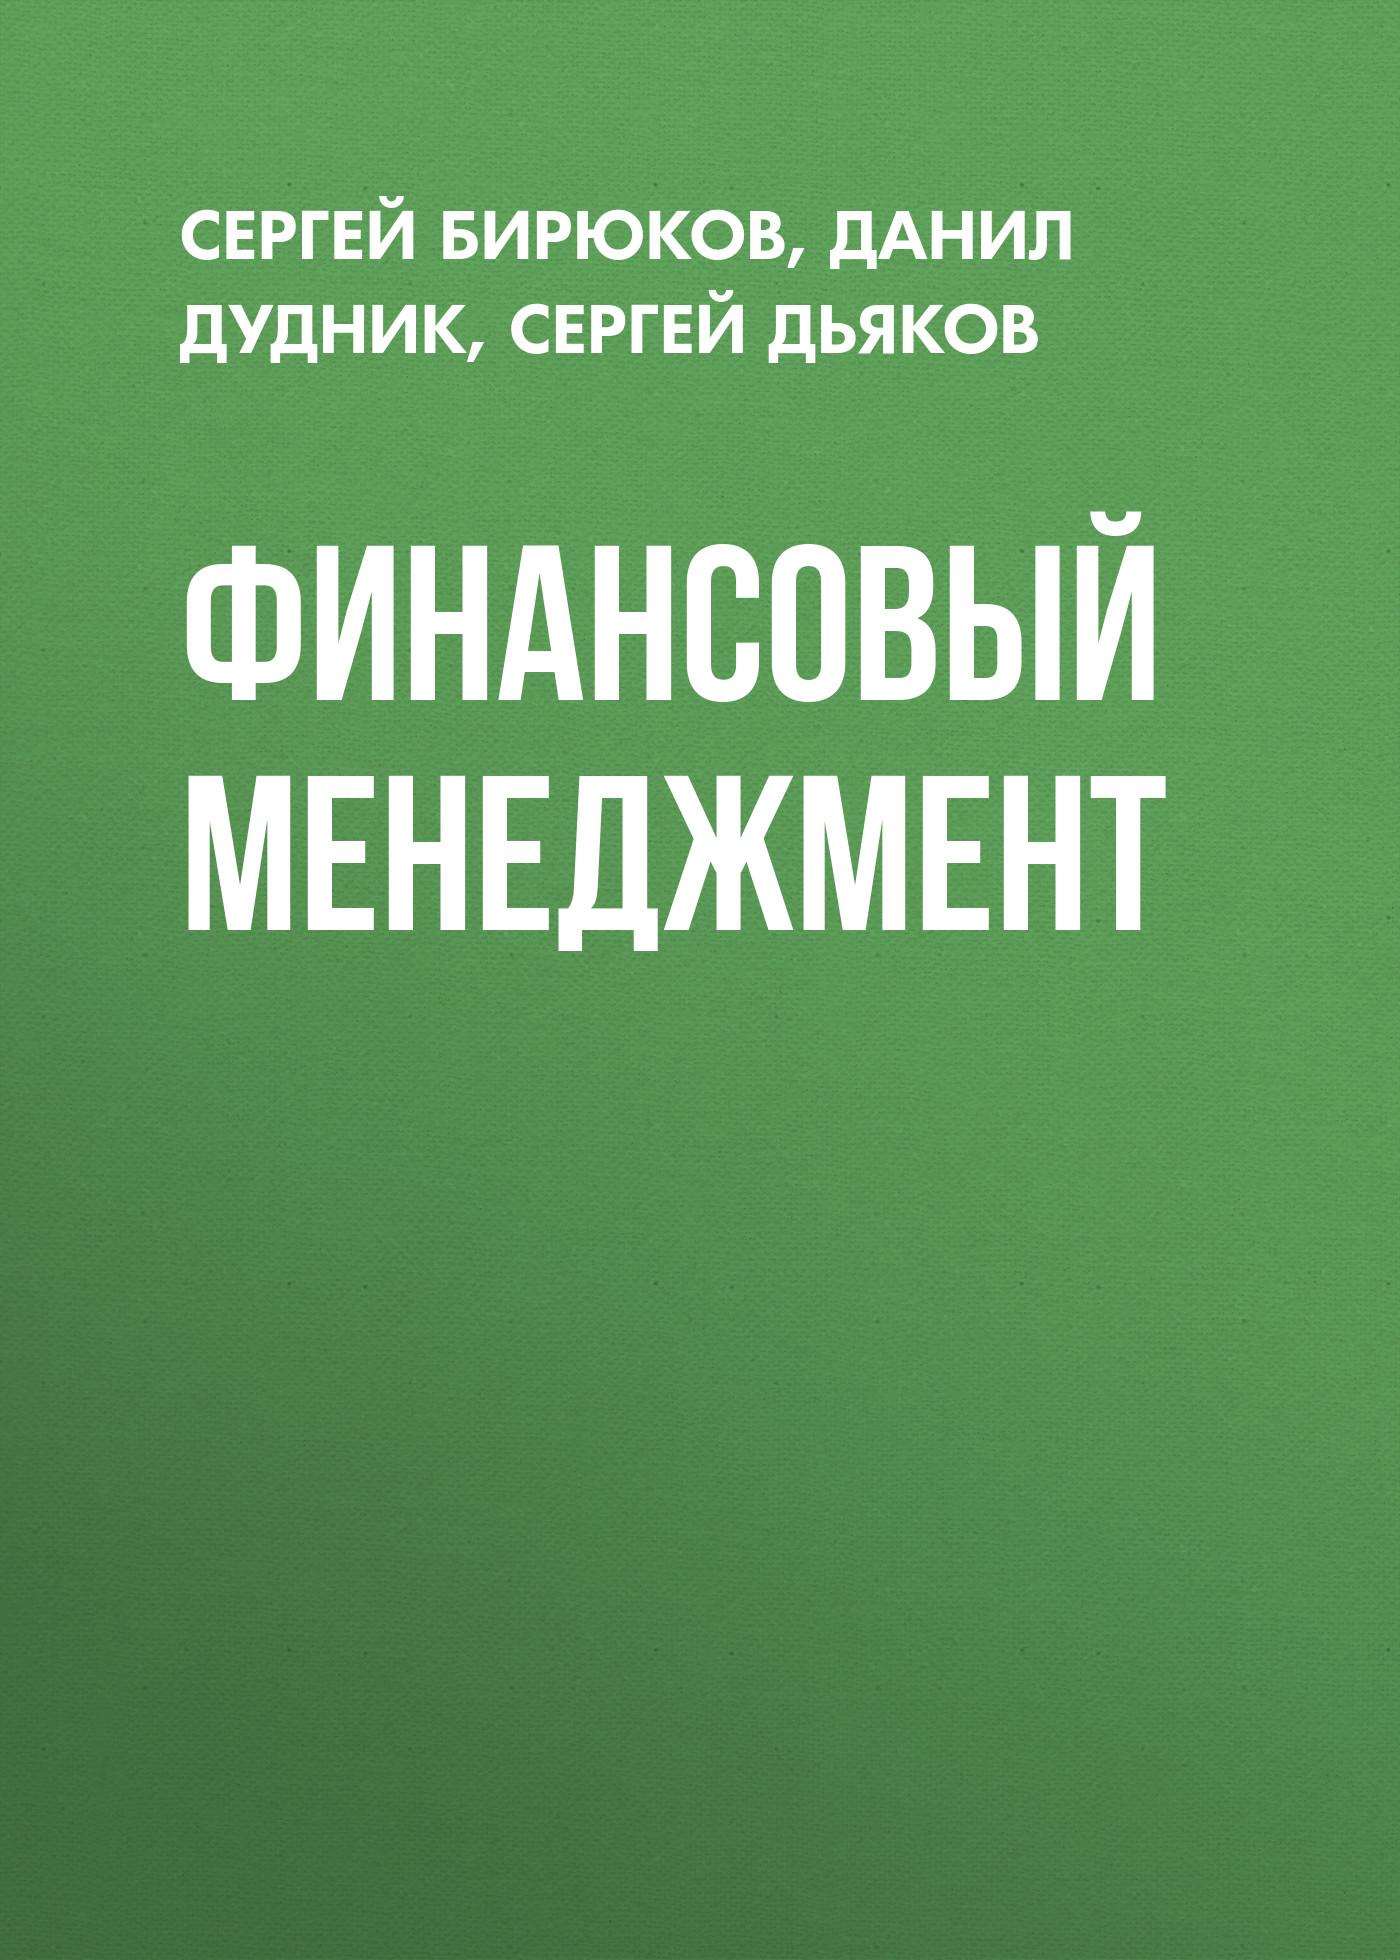 Сергей Бирюков Финансовый менеджмент